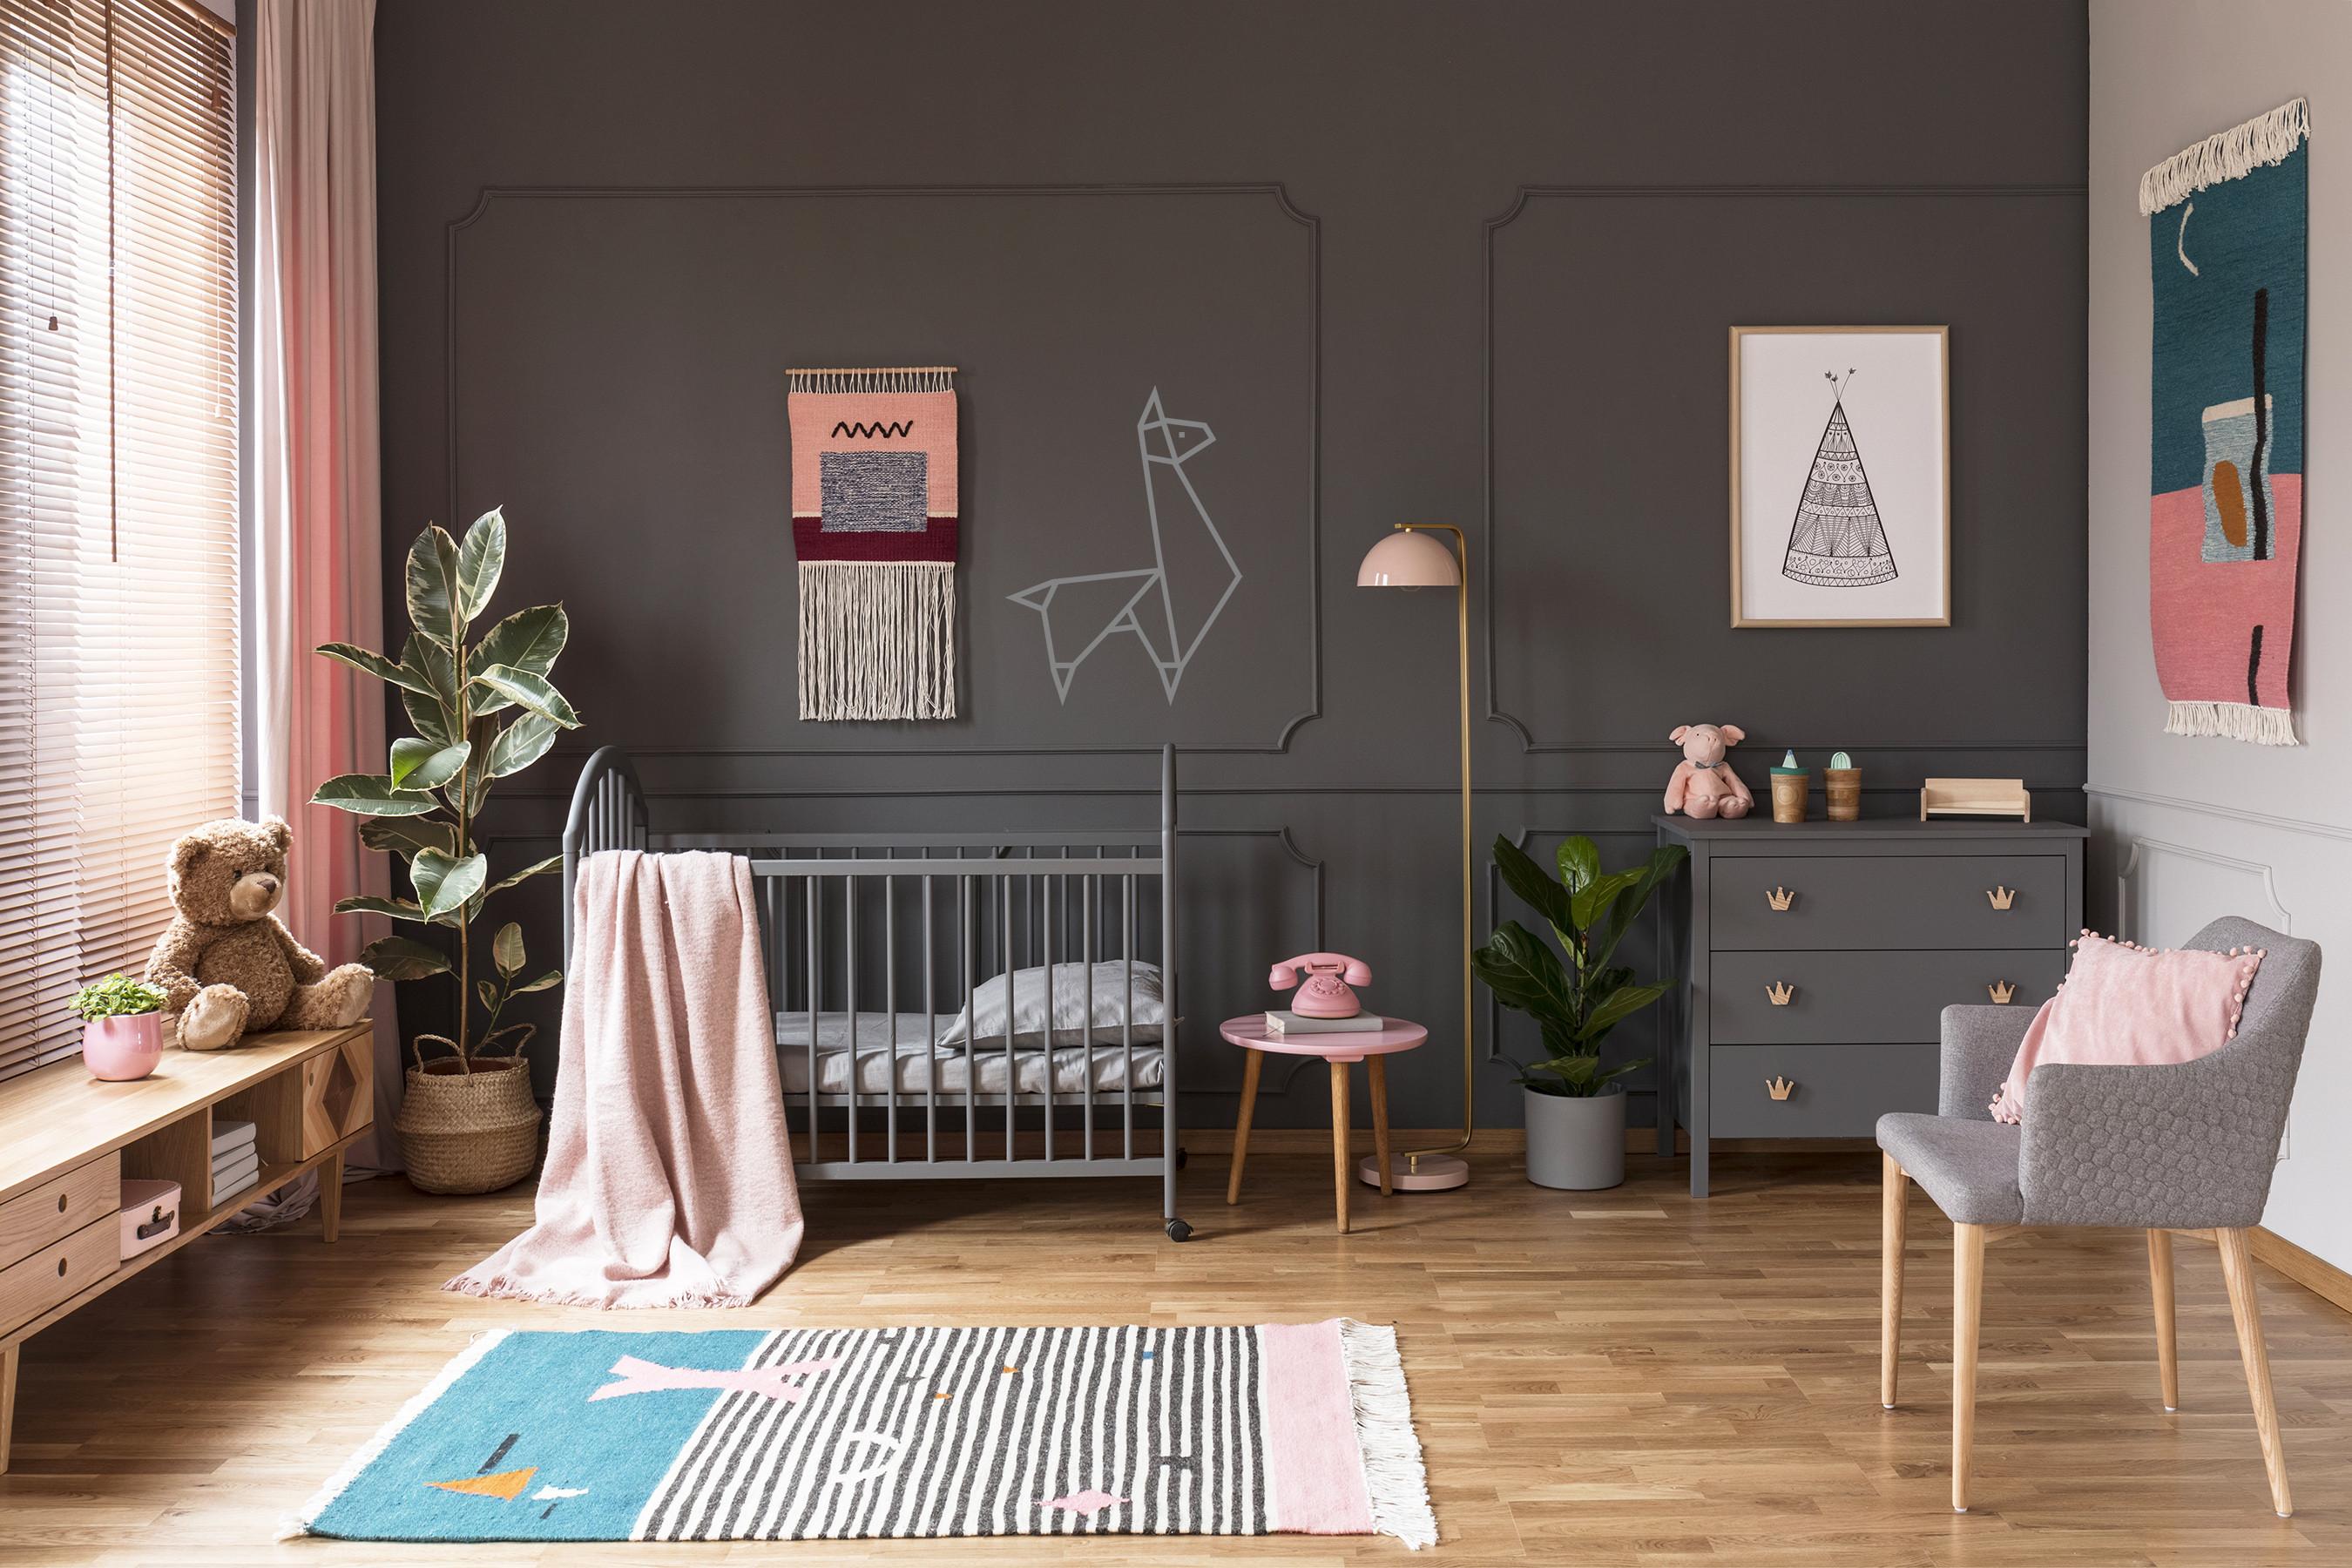 decoration murale masking tape lama chambre enfant argenté